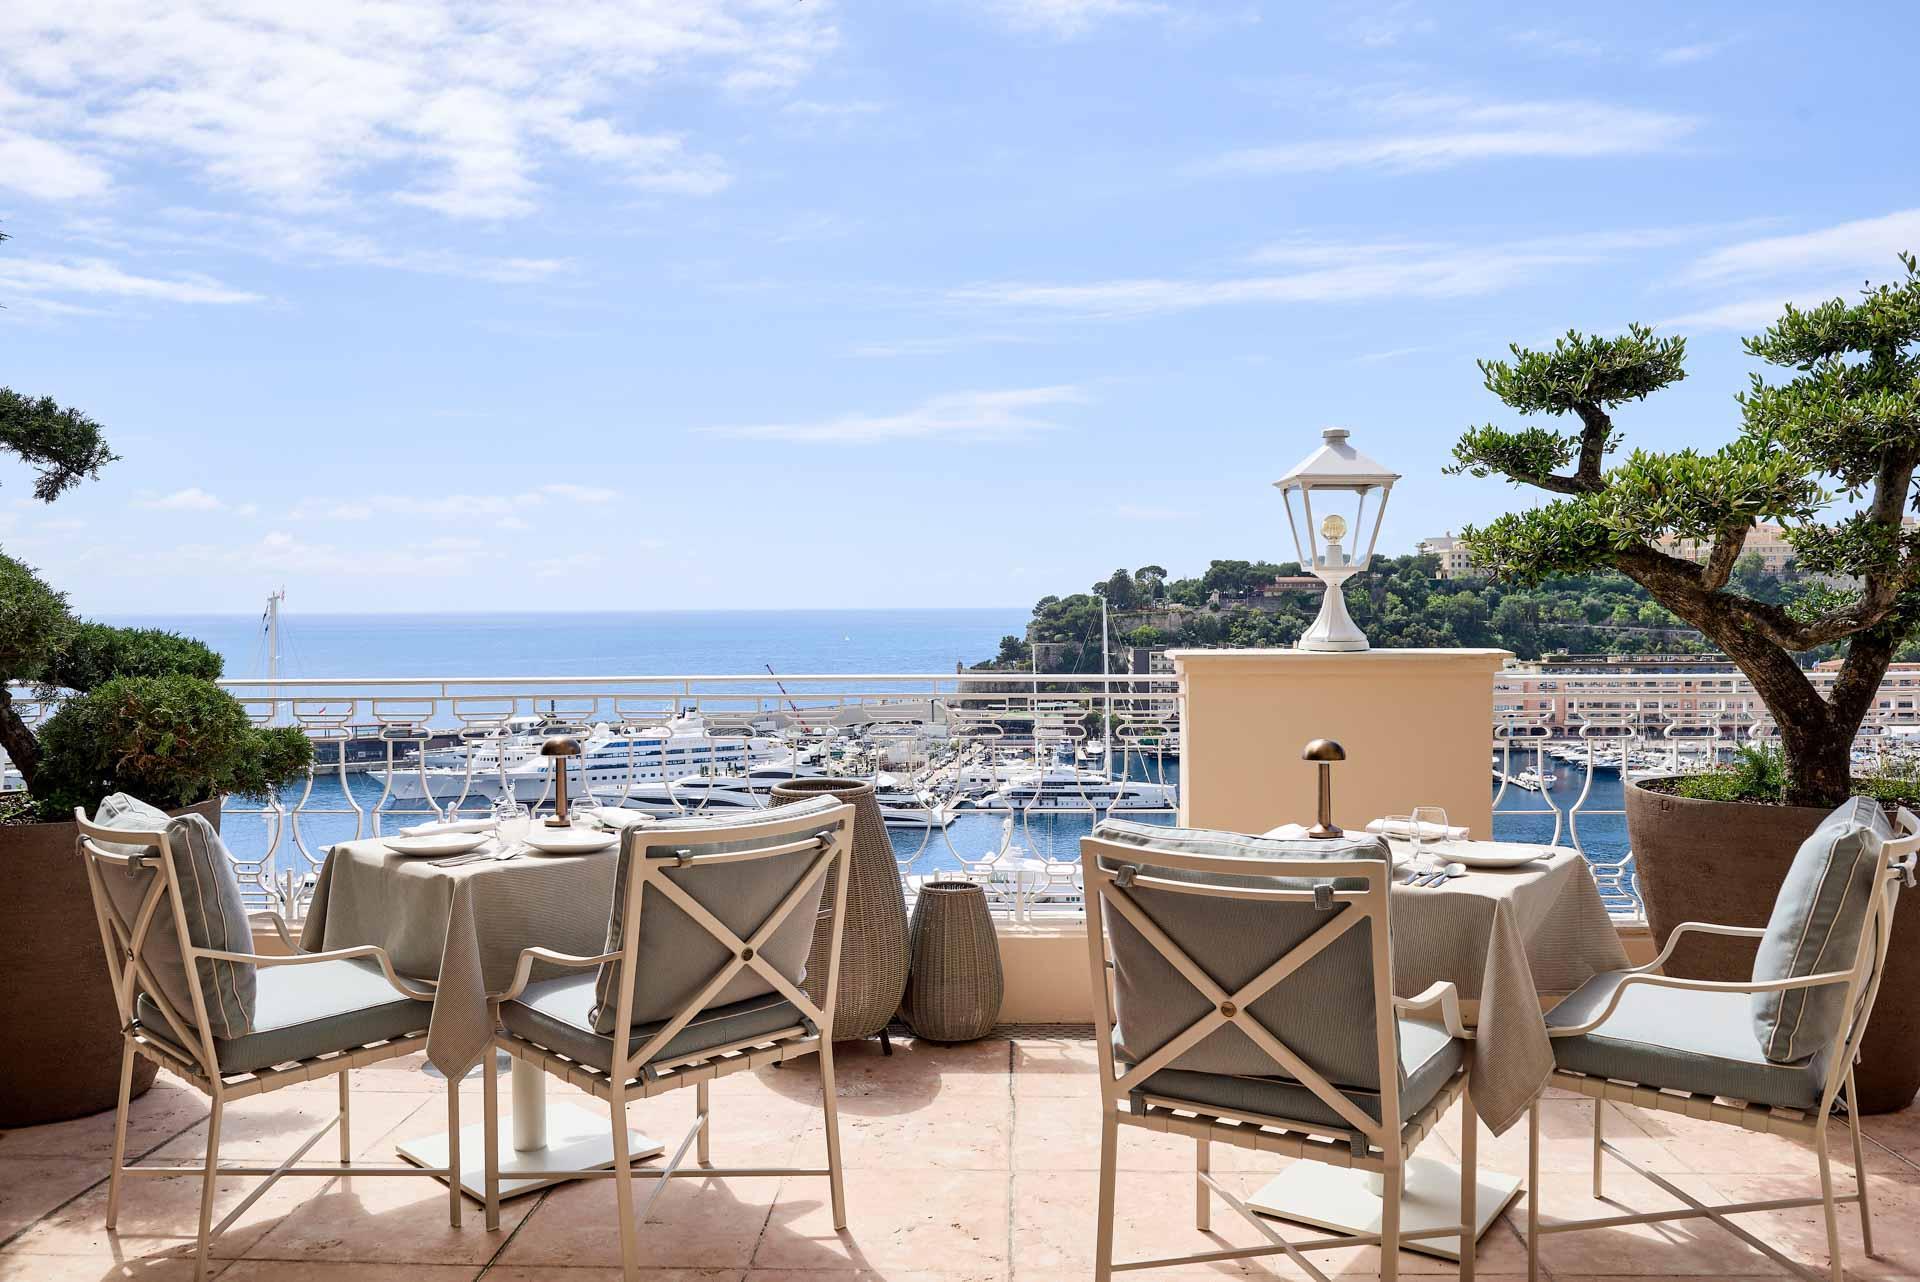 Yannick Alléno à l'Hôtel Hermitage, un balcon sur la Méditerranée © Société des Bains de Mer